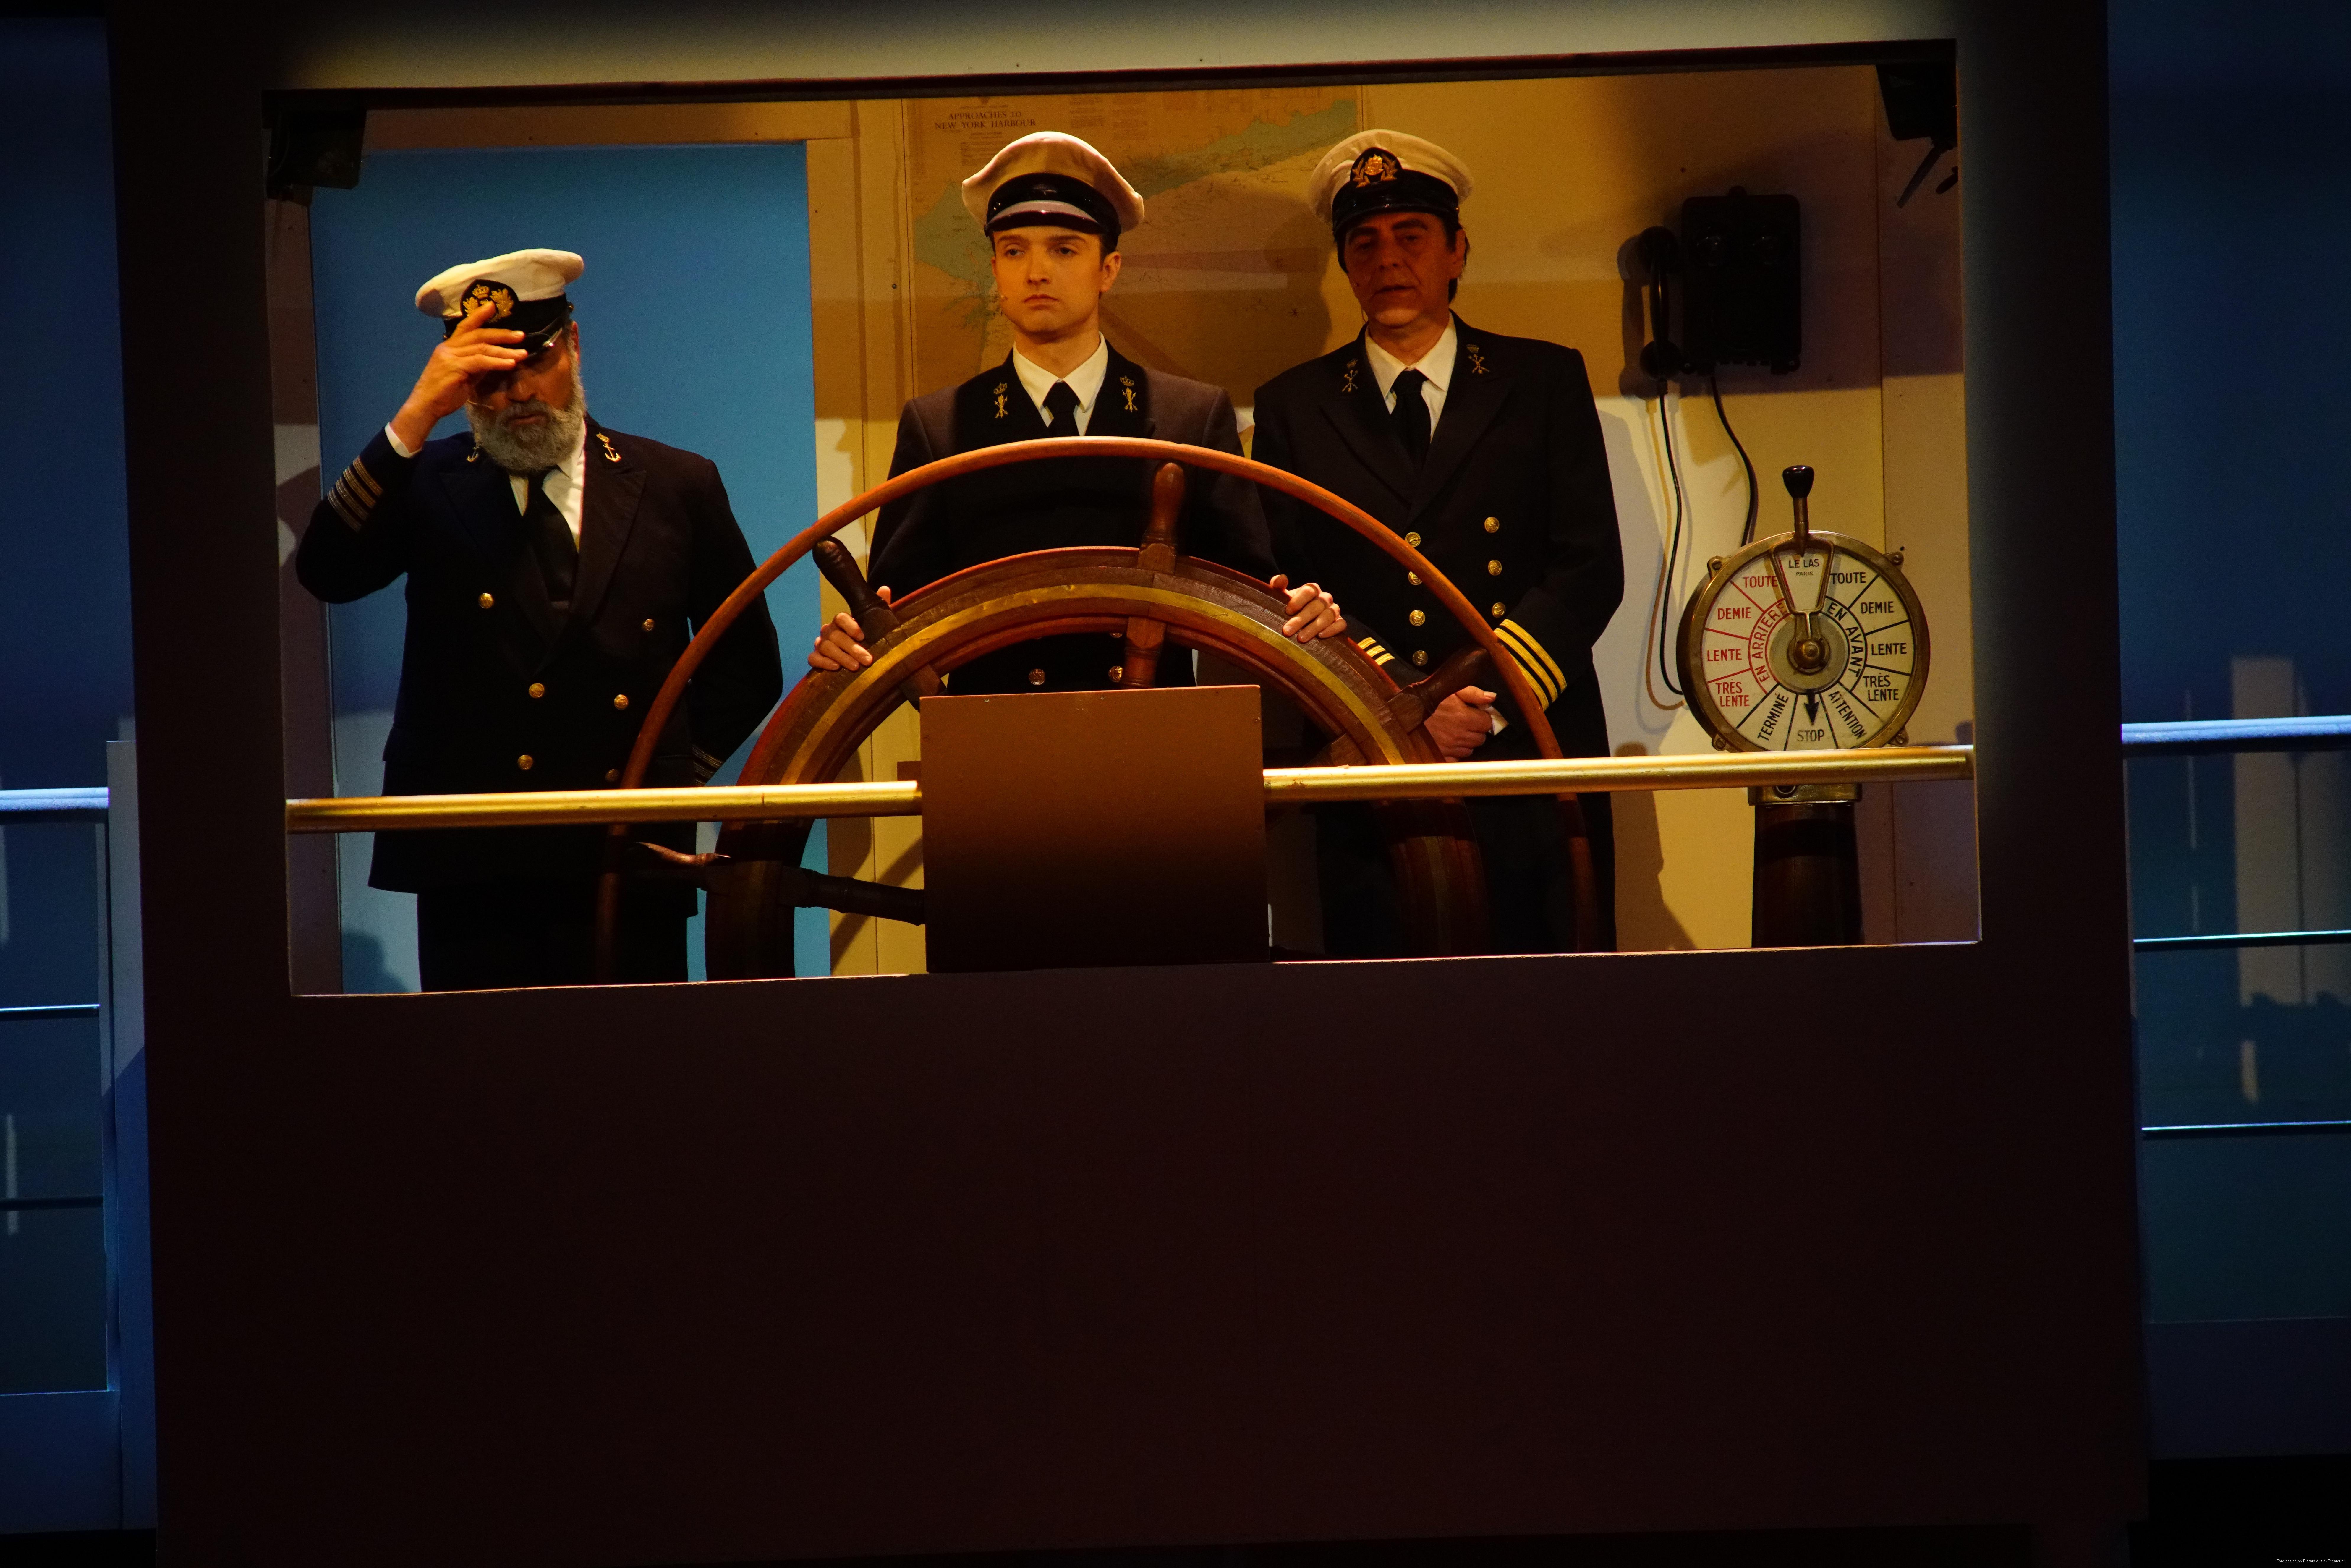 EMT Titanic voorstellingen Donald Schalk-0463.jpg